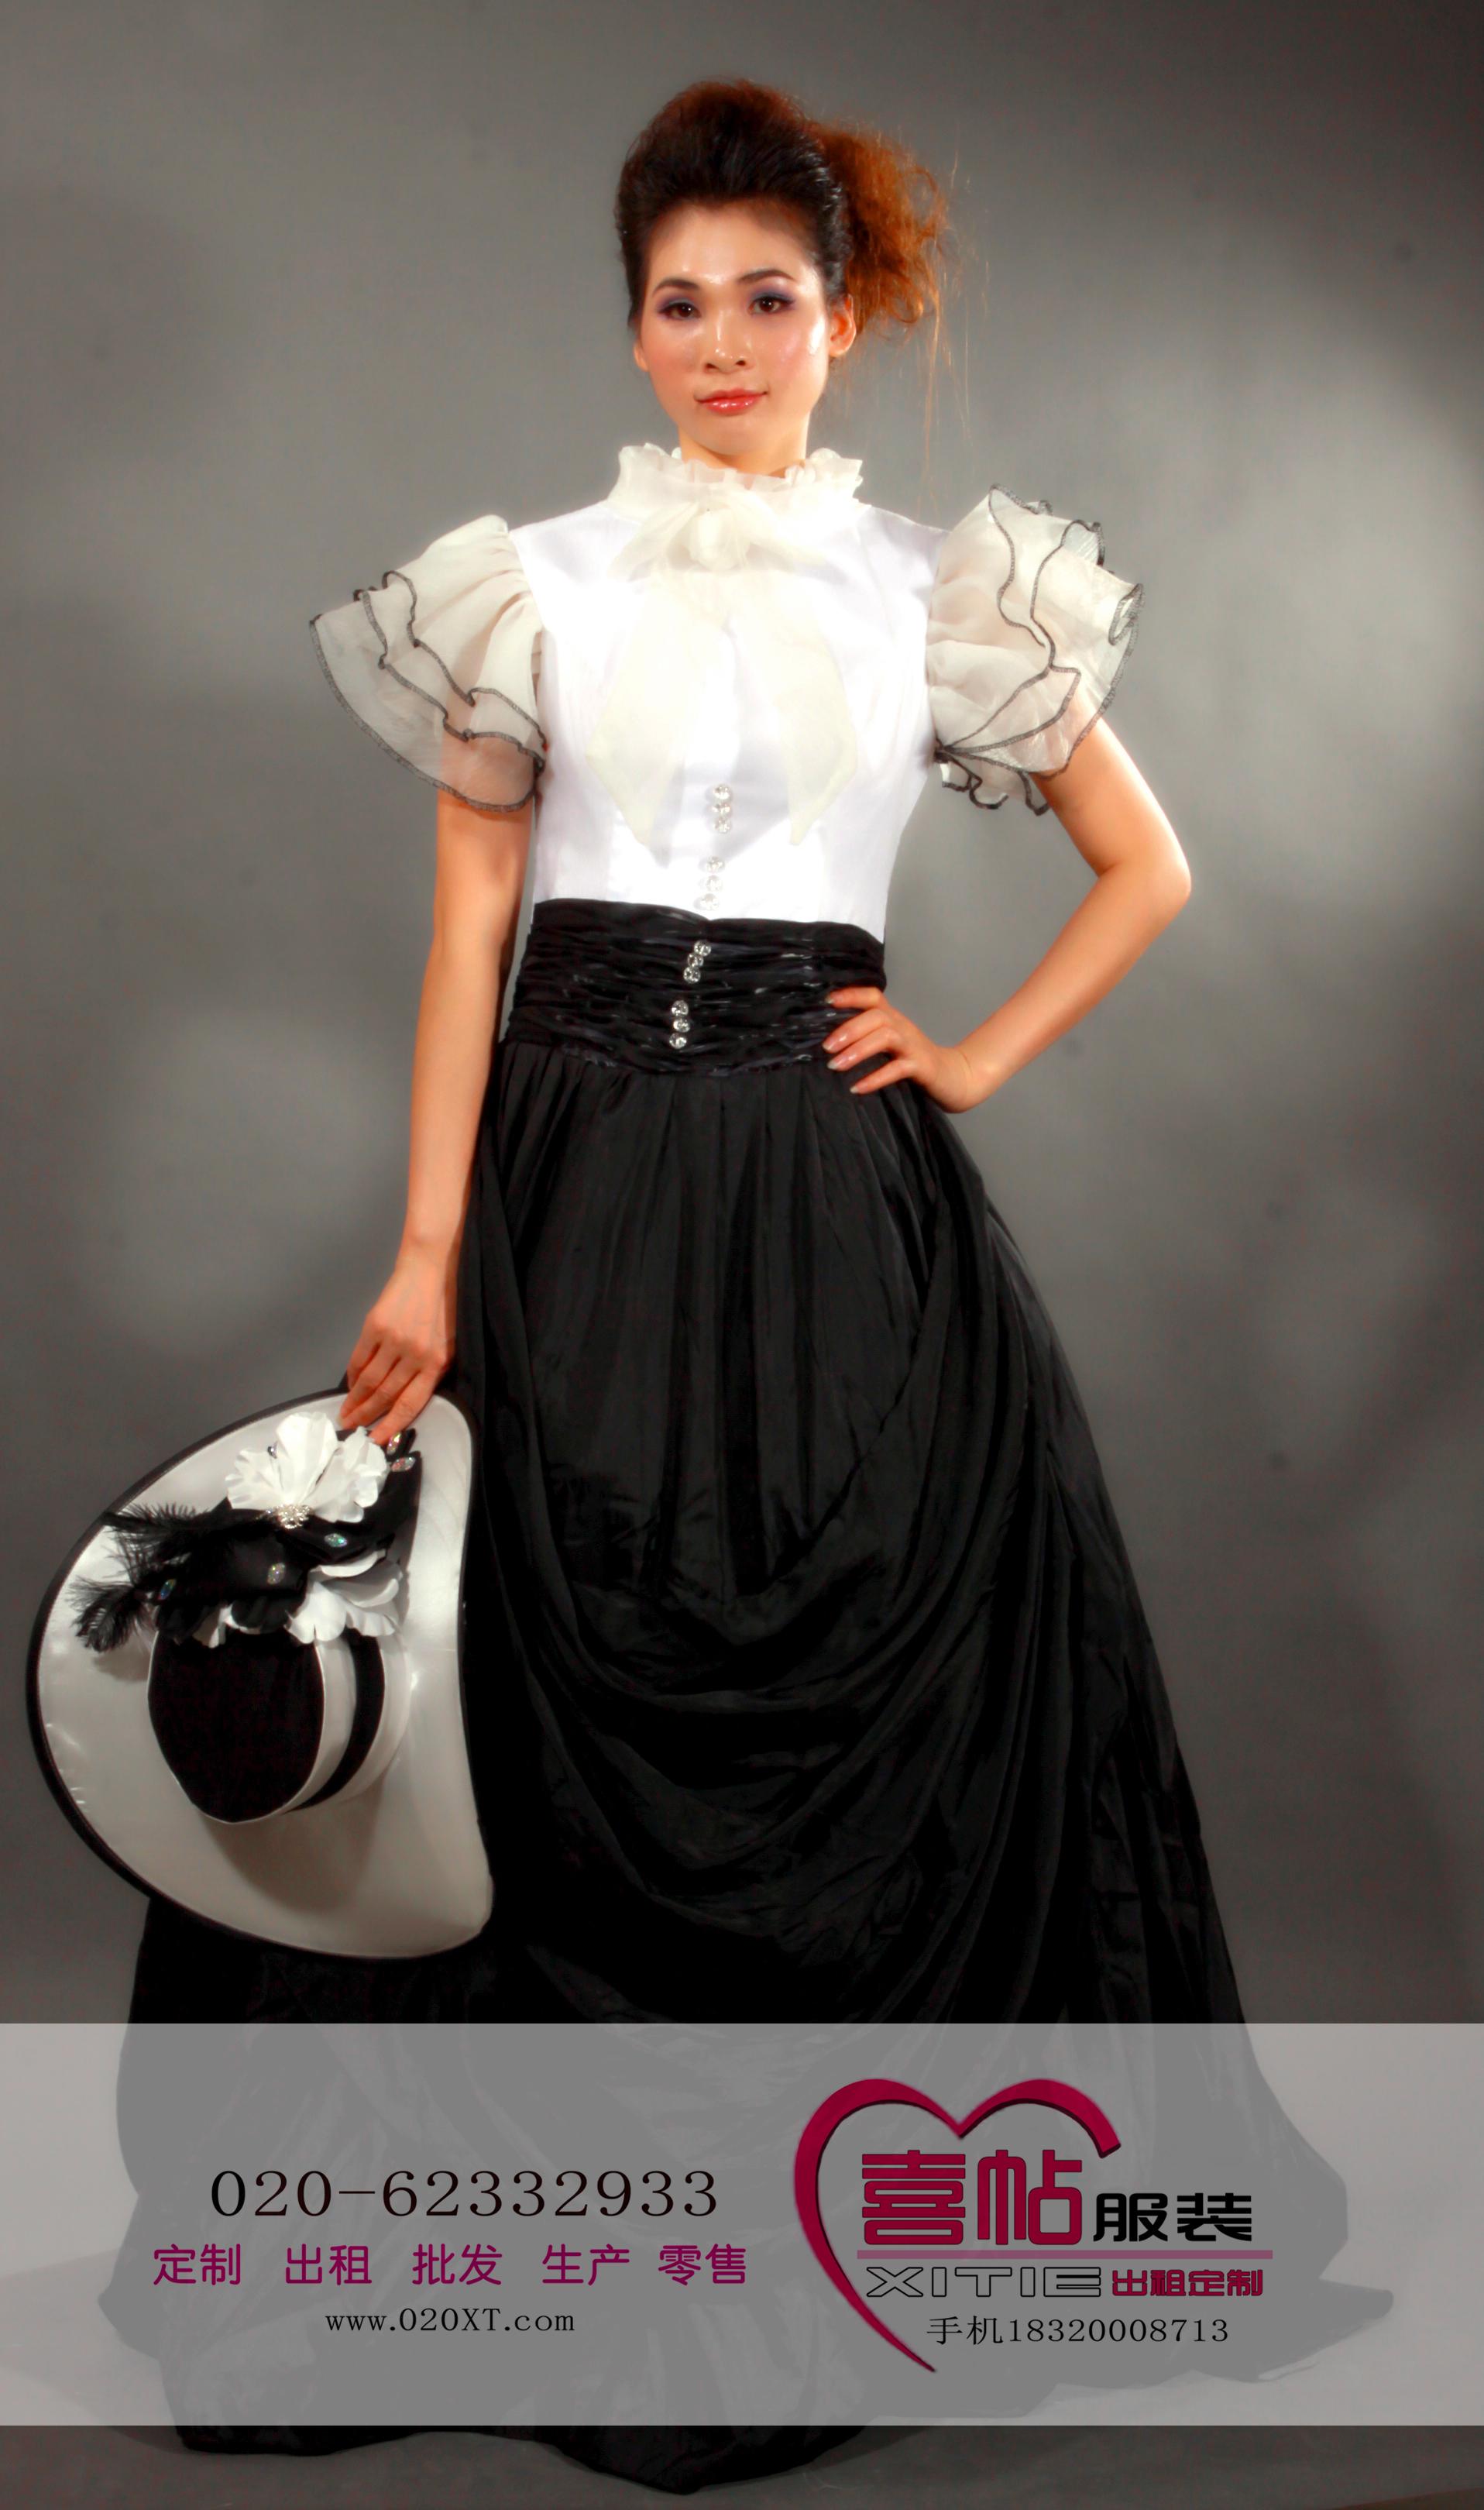 女黑白蕾丝立领欧洲宫廷服 国外服装出租 欧洲女宫廷装租赁